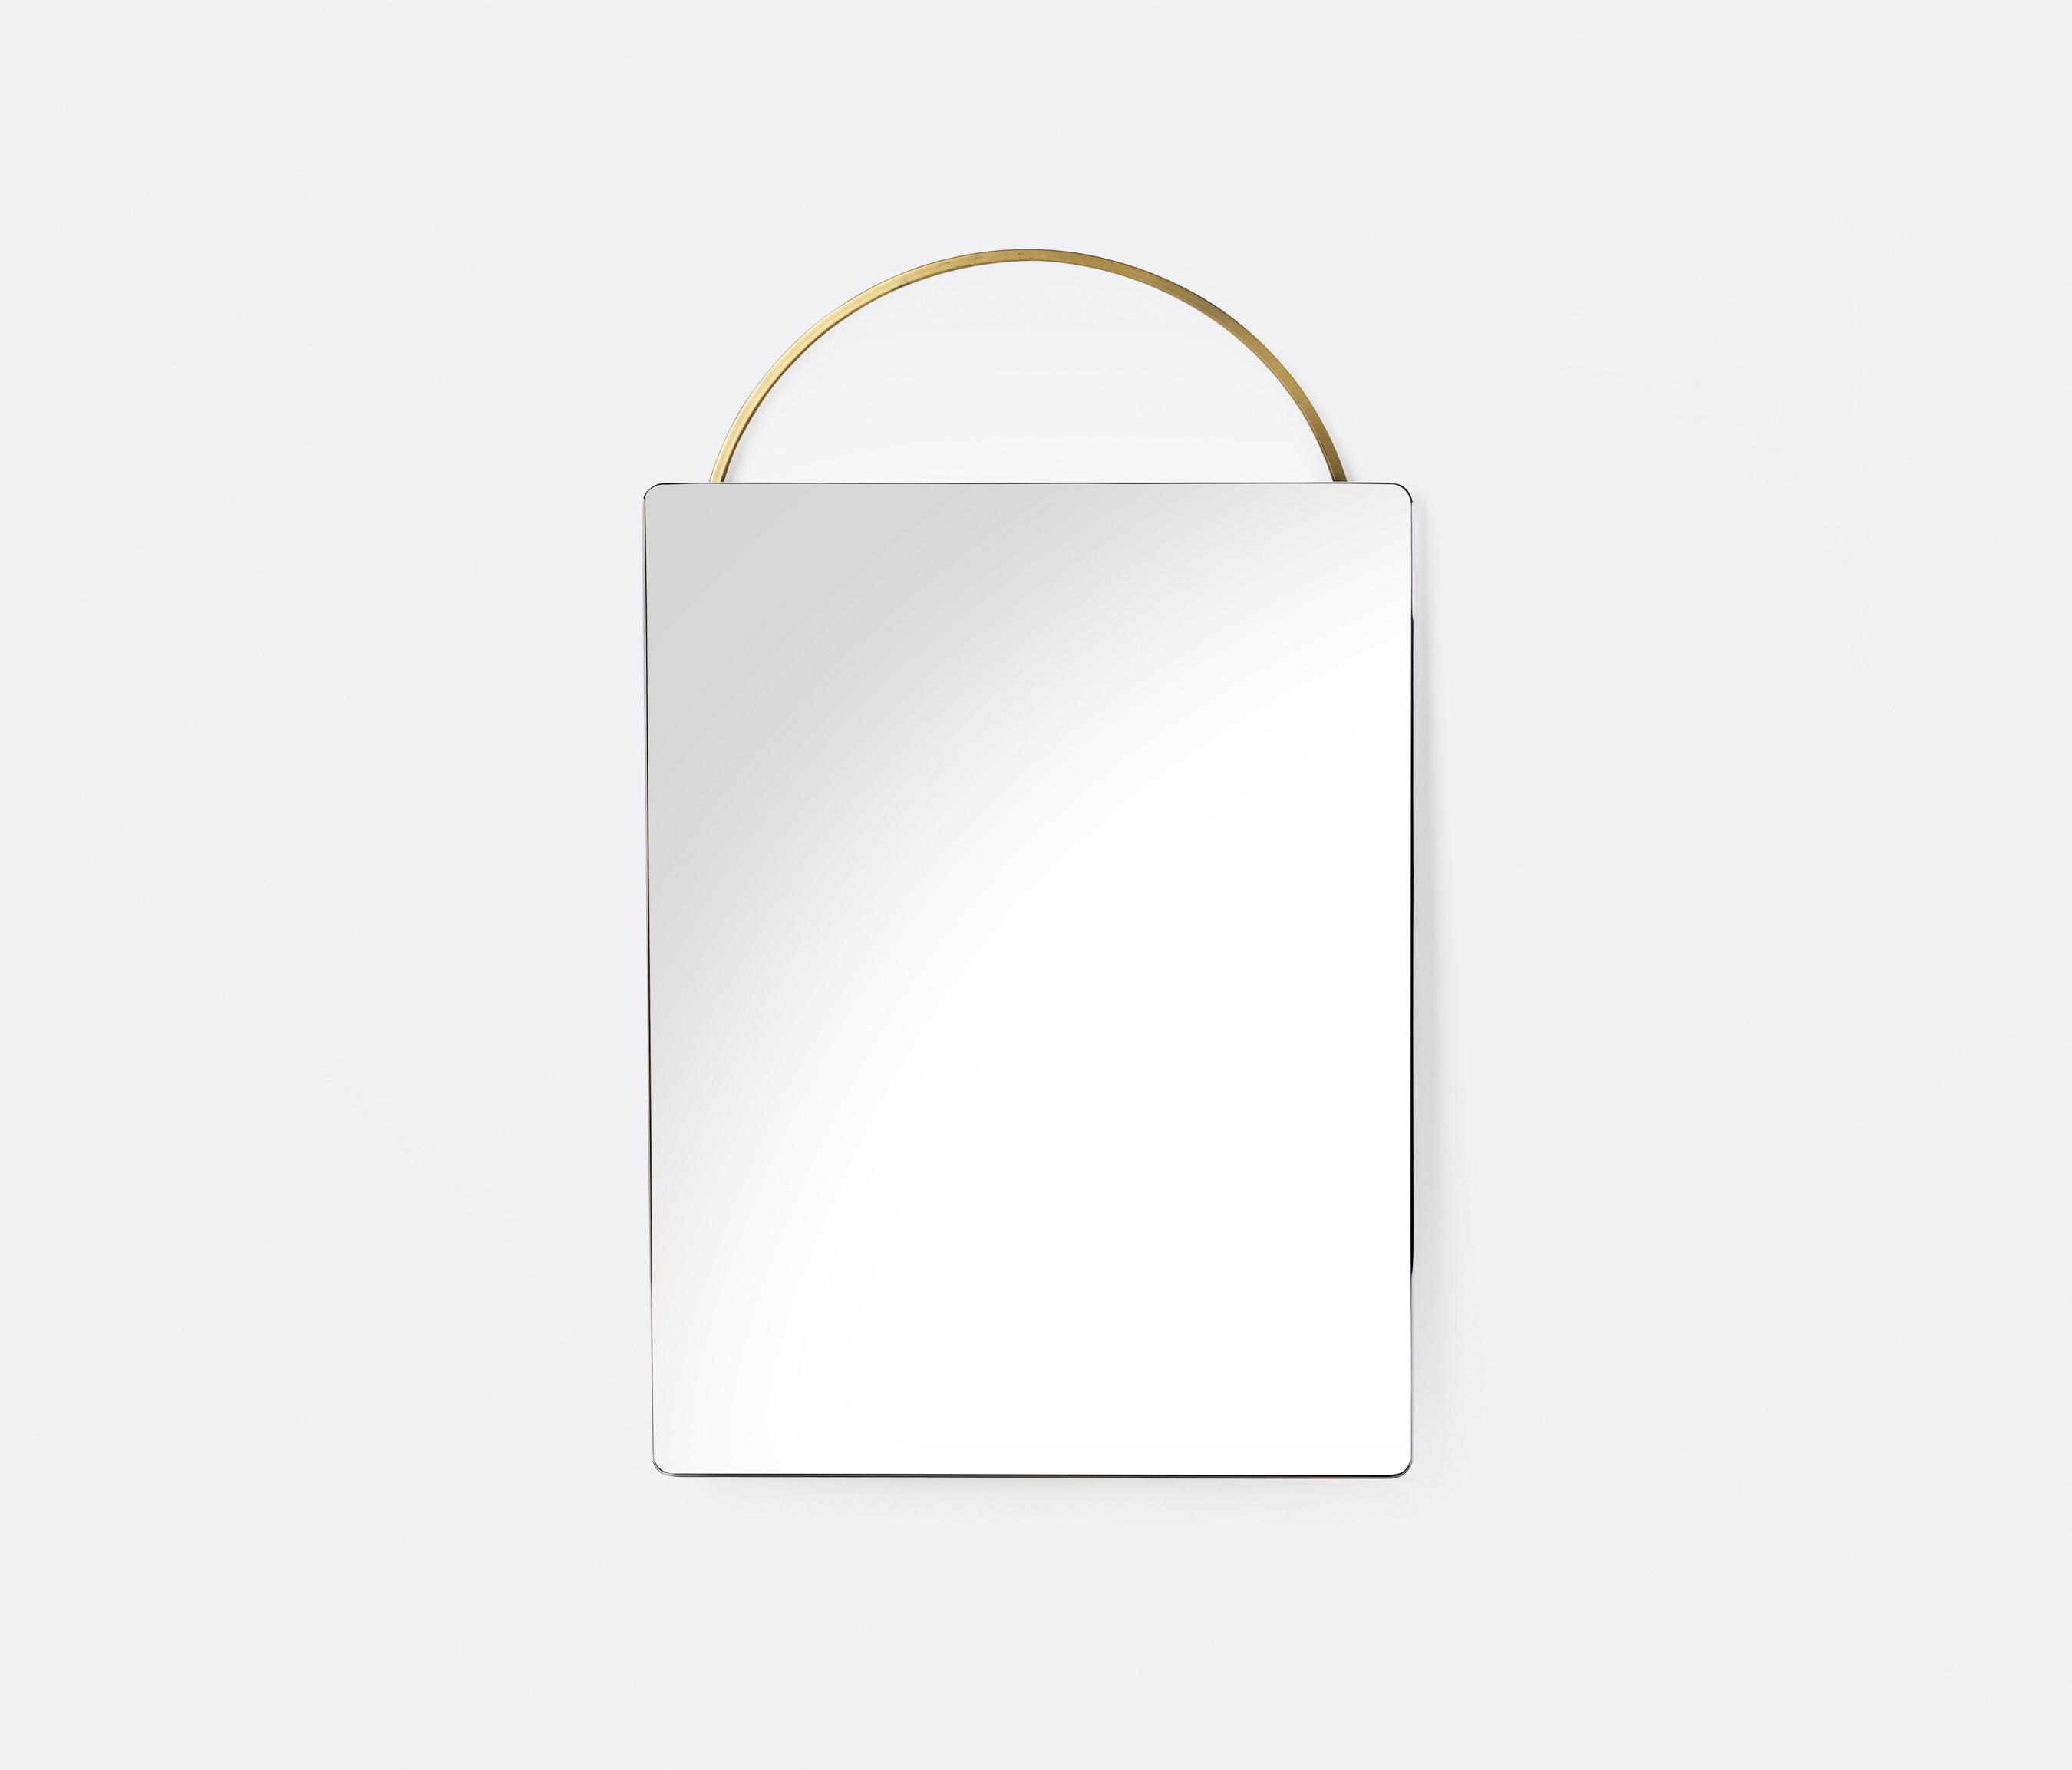 Adorn Brass Mirror   Brass   Face By Ferm LIVING | Mirrors